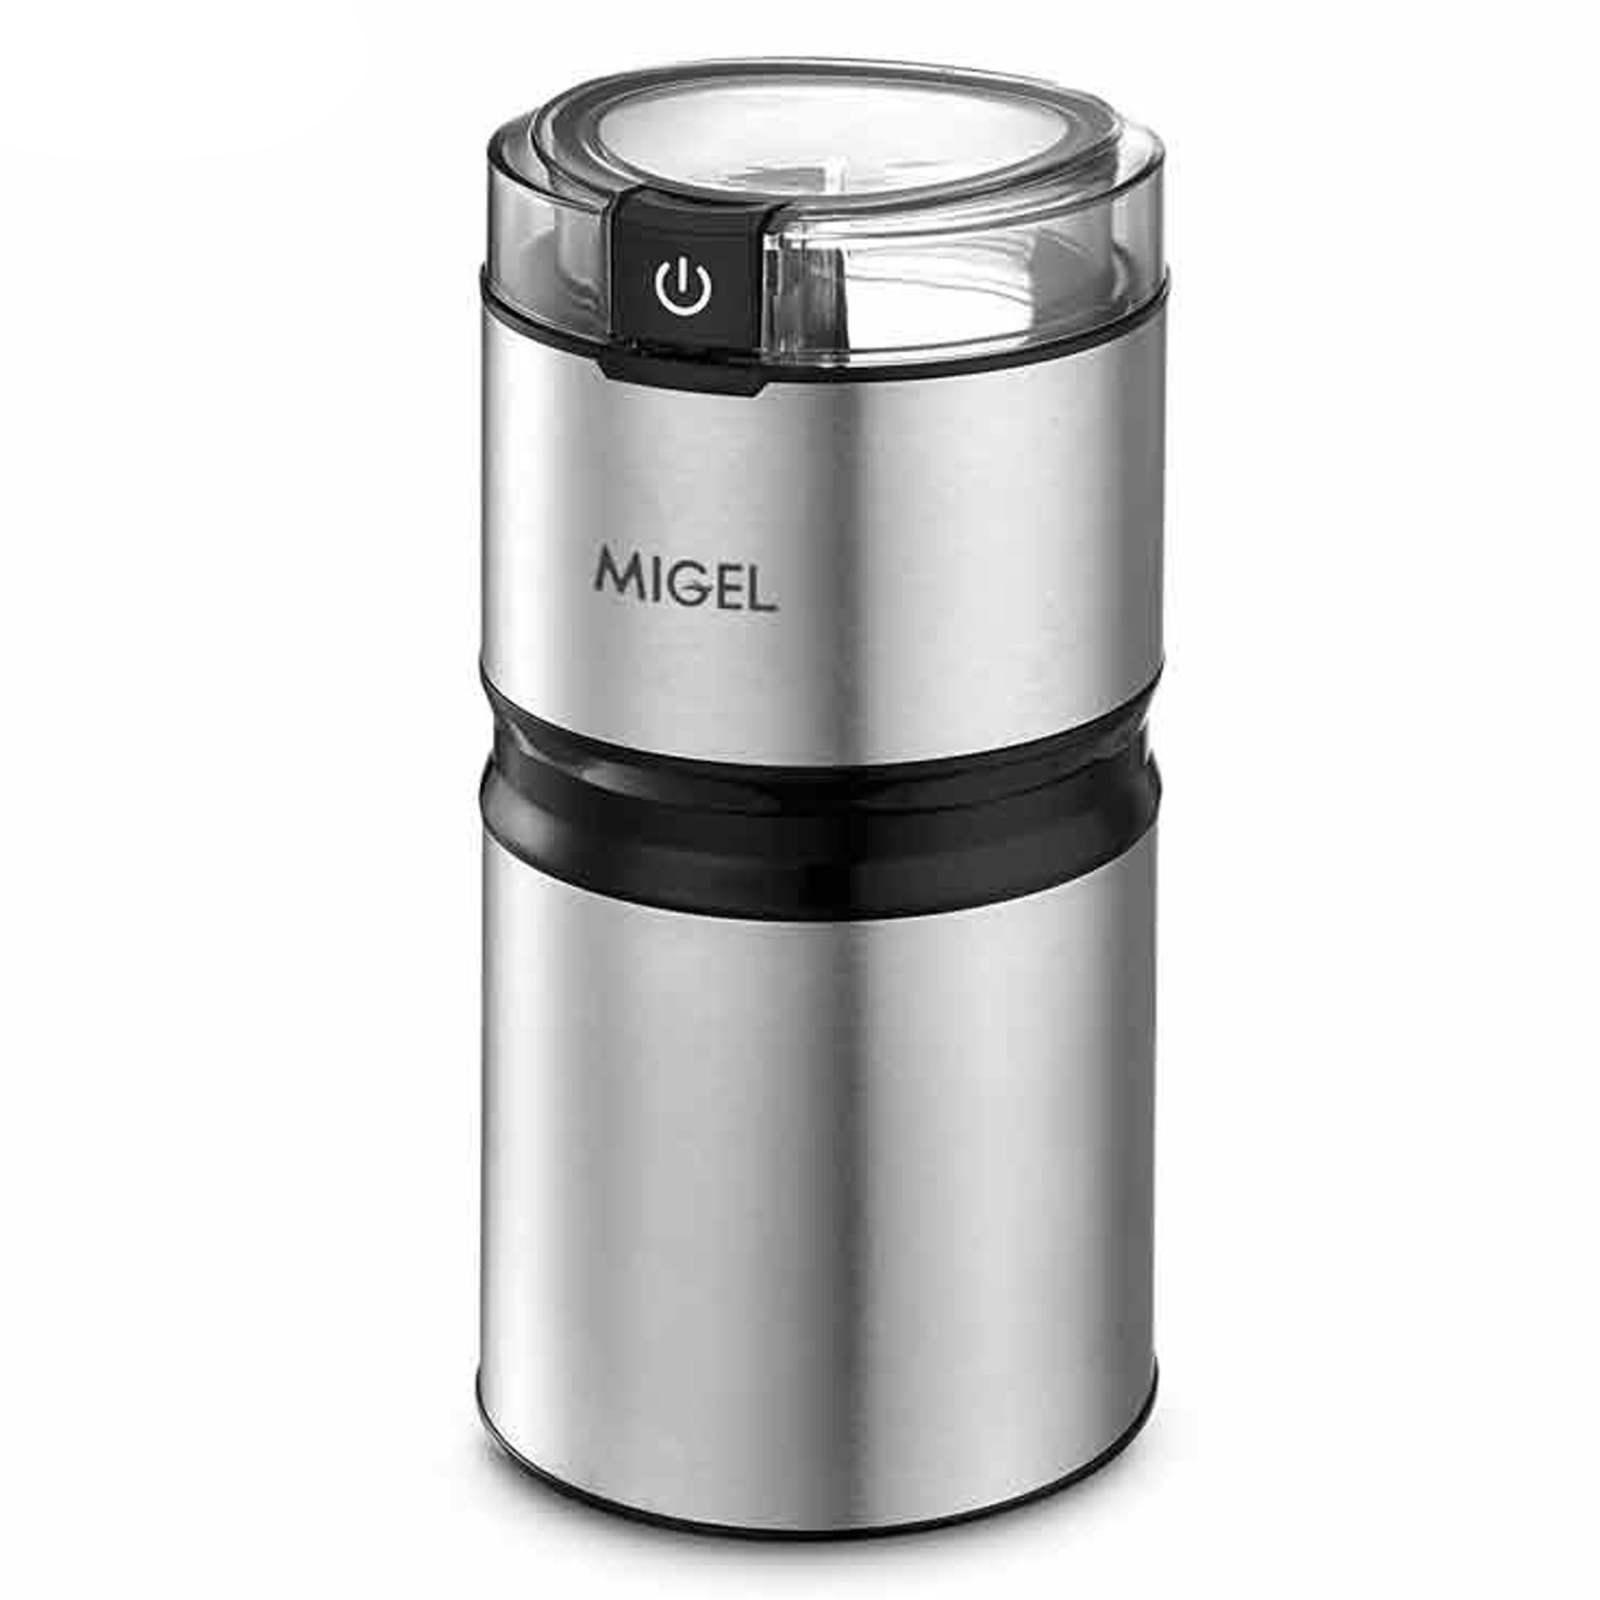 آسیاب میگل مدل GEG-150